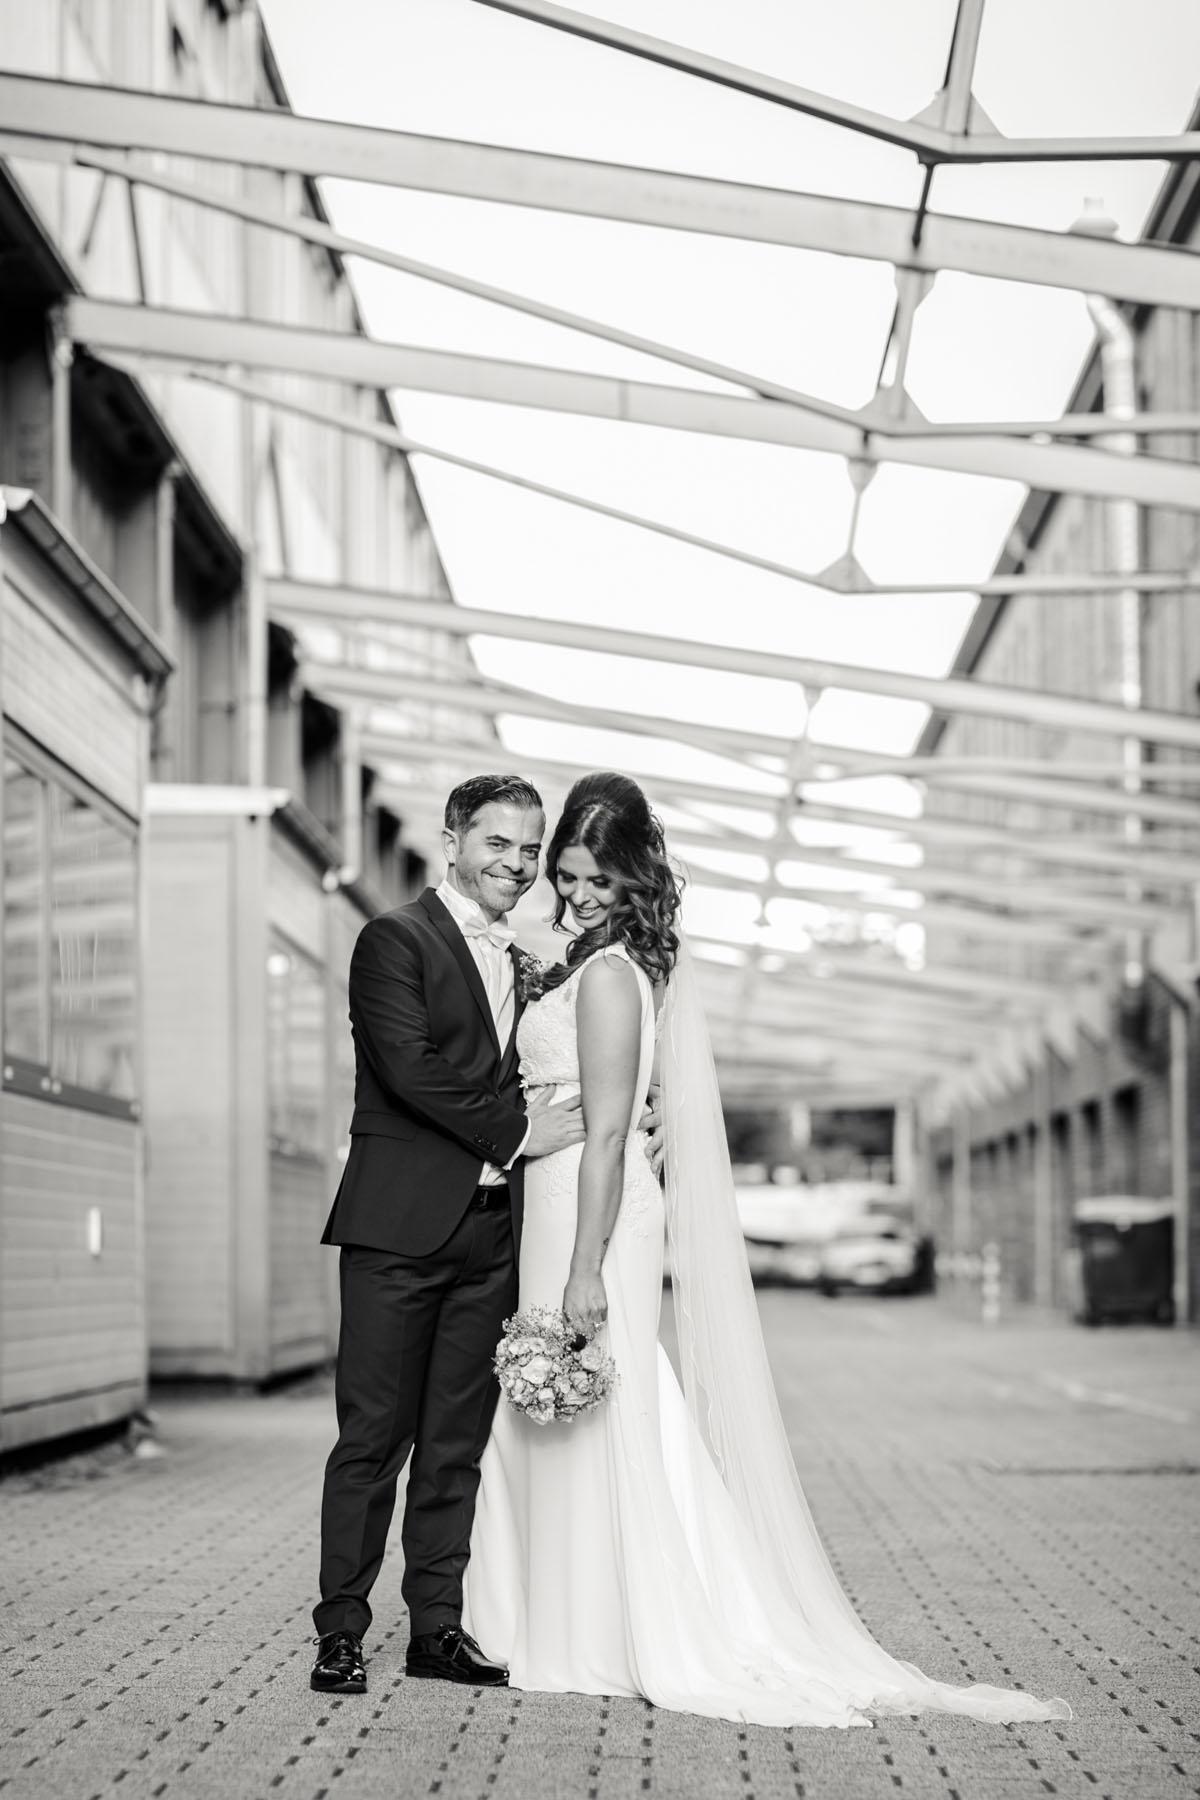 Janine+ Boris | Wir überraschen unsere Hochzeitsgäste mit dem bauwerk in Köln - Fotografin Guelten Hamidanoglu Koeln Hochzeiten Hochzeitsfotos  610